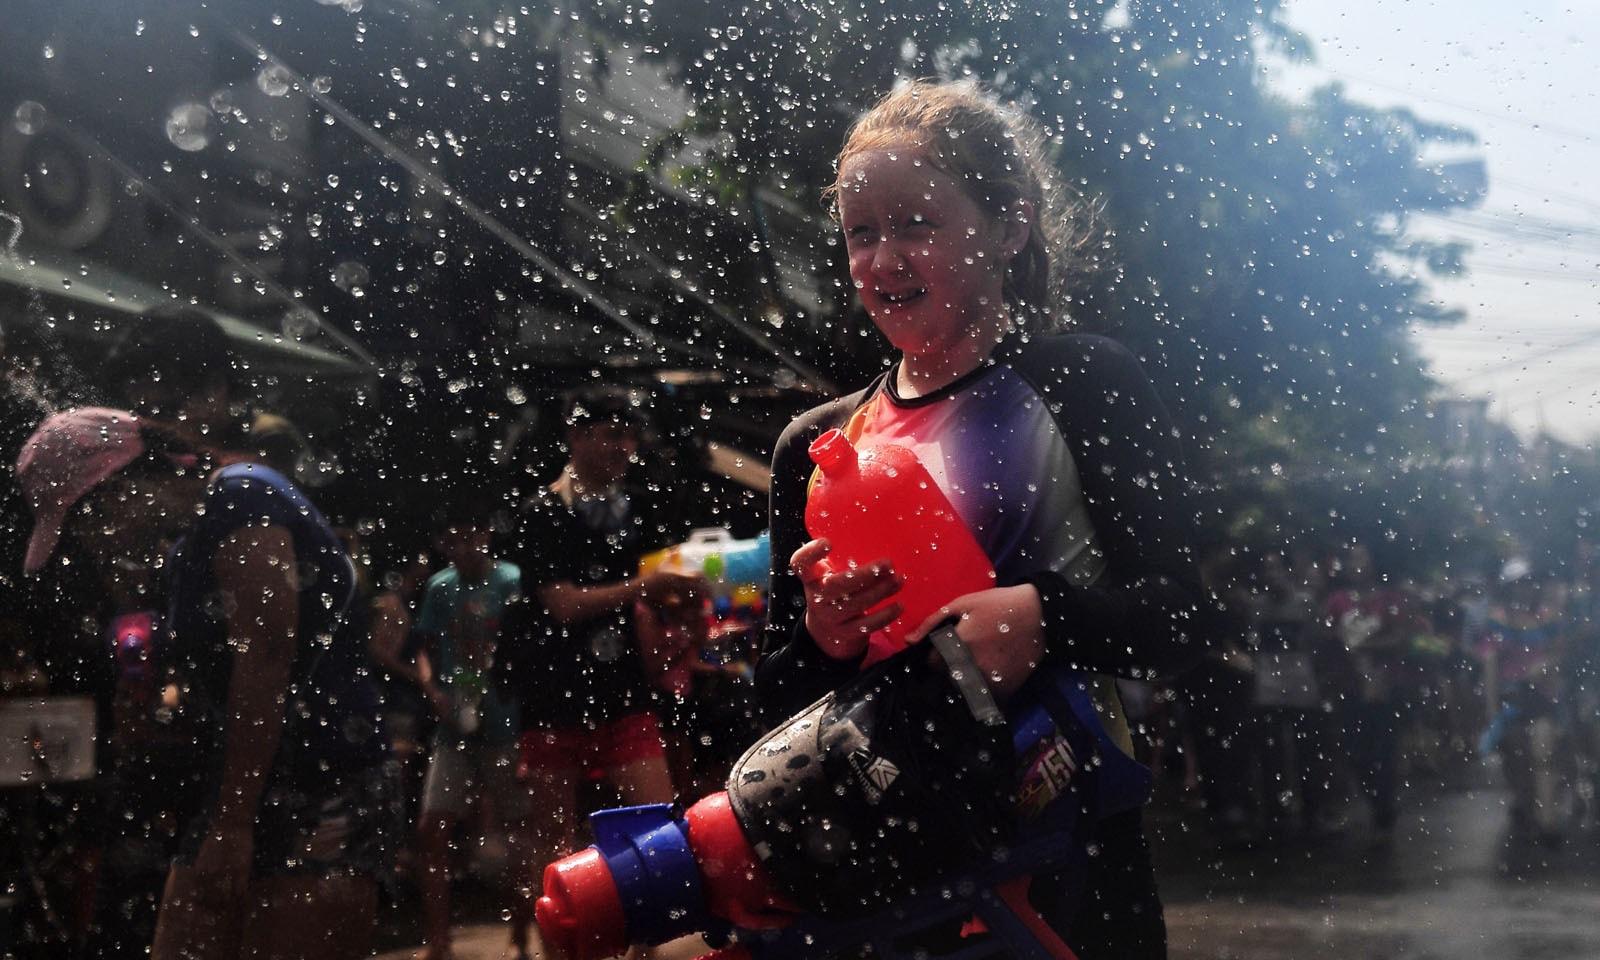 ایک تھائی بچی واٹر گن اٹھائے آگے بڑھ رہی ہے—فوٹو: اے ایف پی